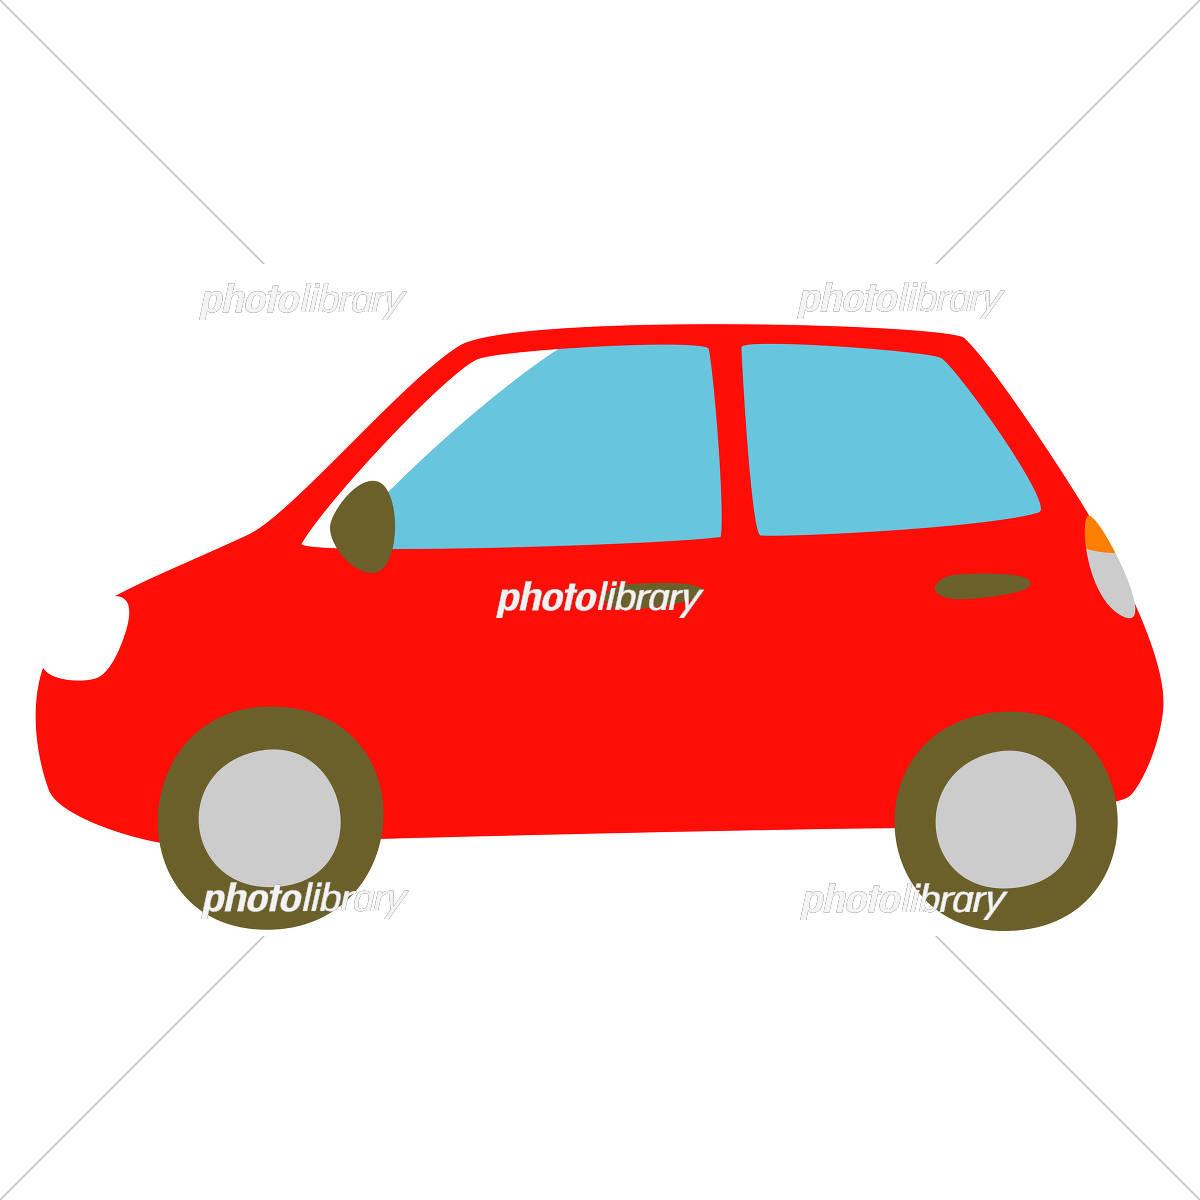 赤い車 側面 イラスト素材 [ 5327179 ] - フォトライブラリー photolibrary